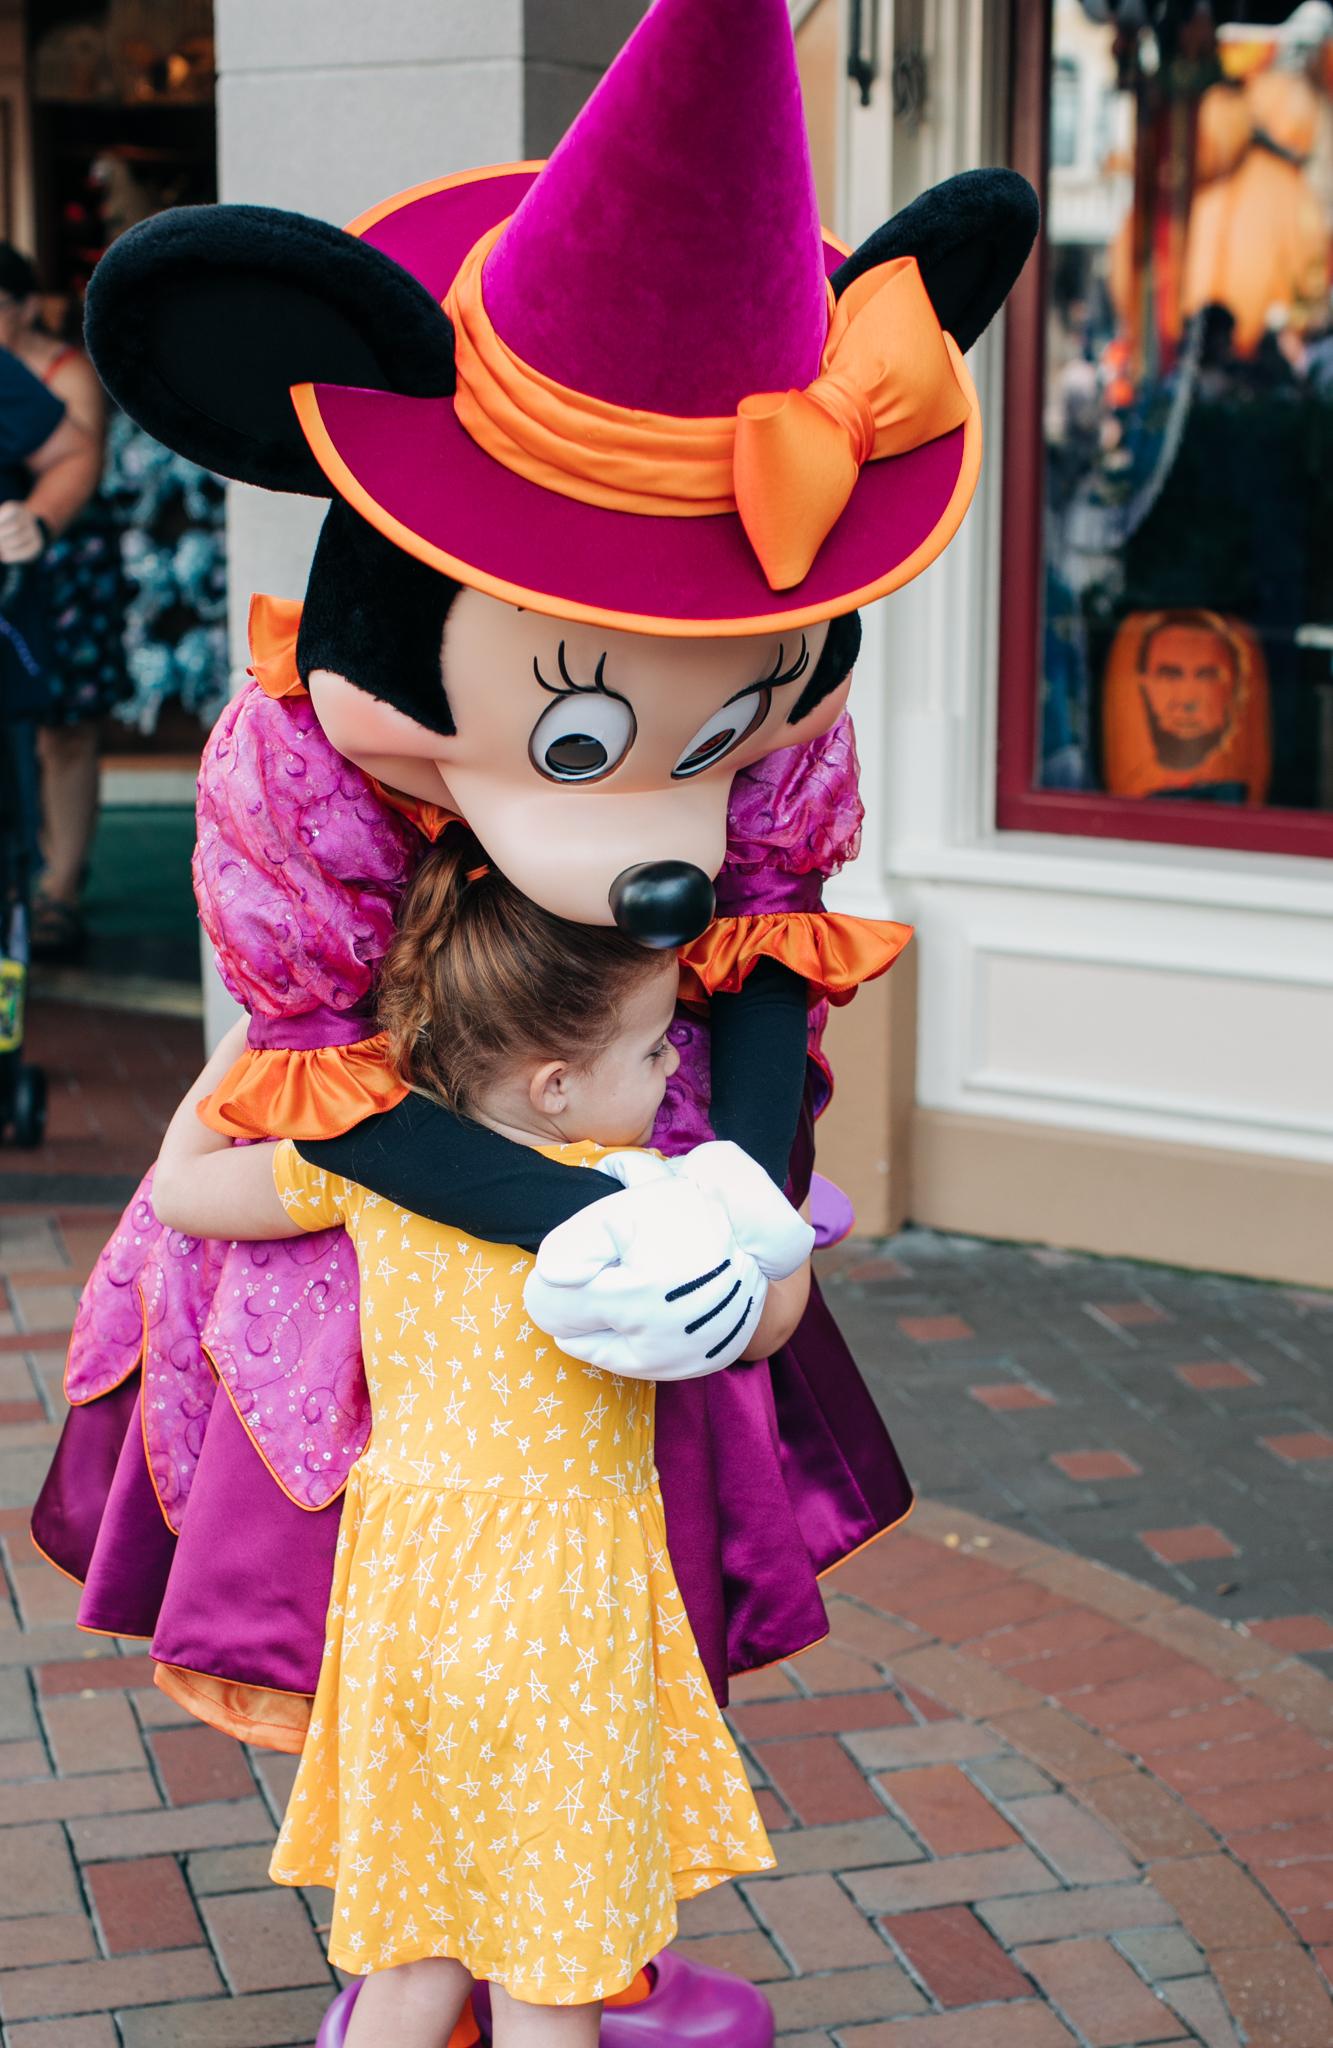 BabyBoyBakery_Disneyland_LilyRo-1.jpg